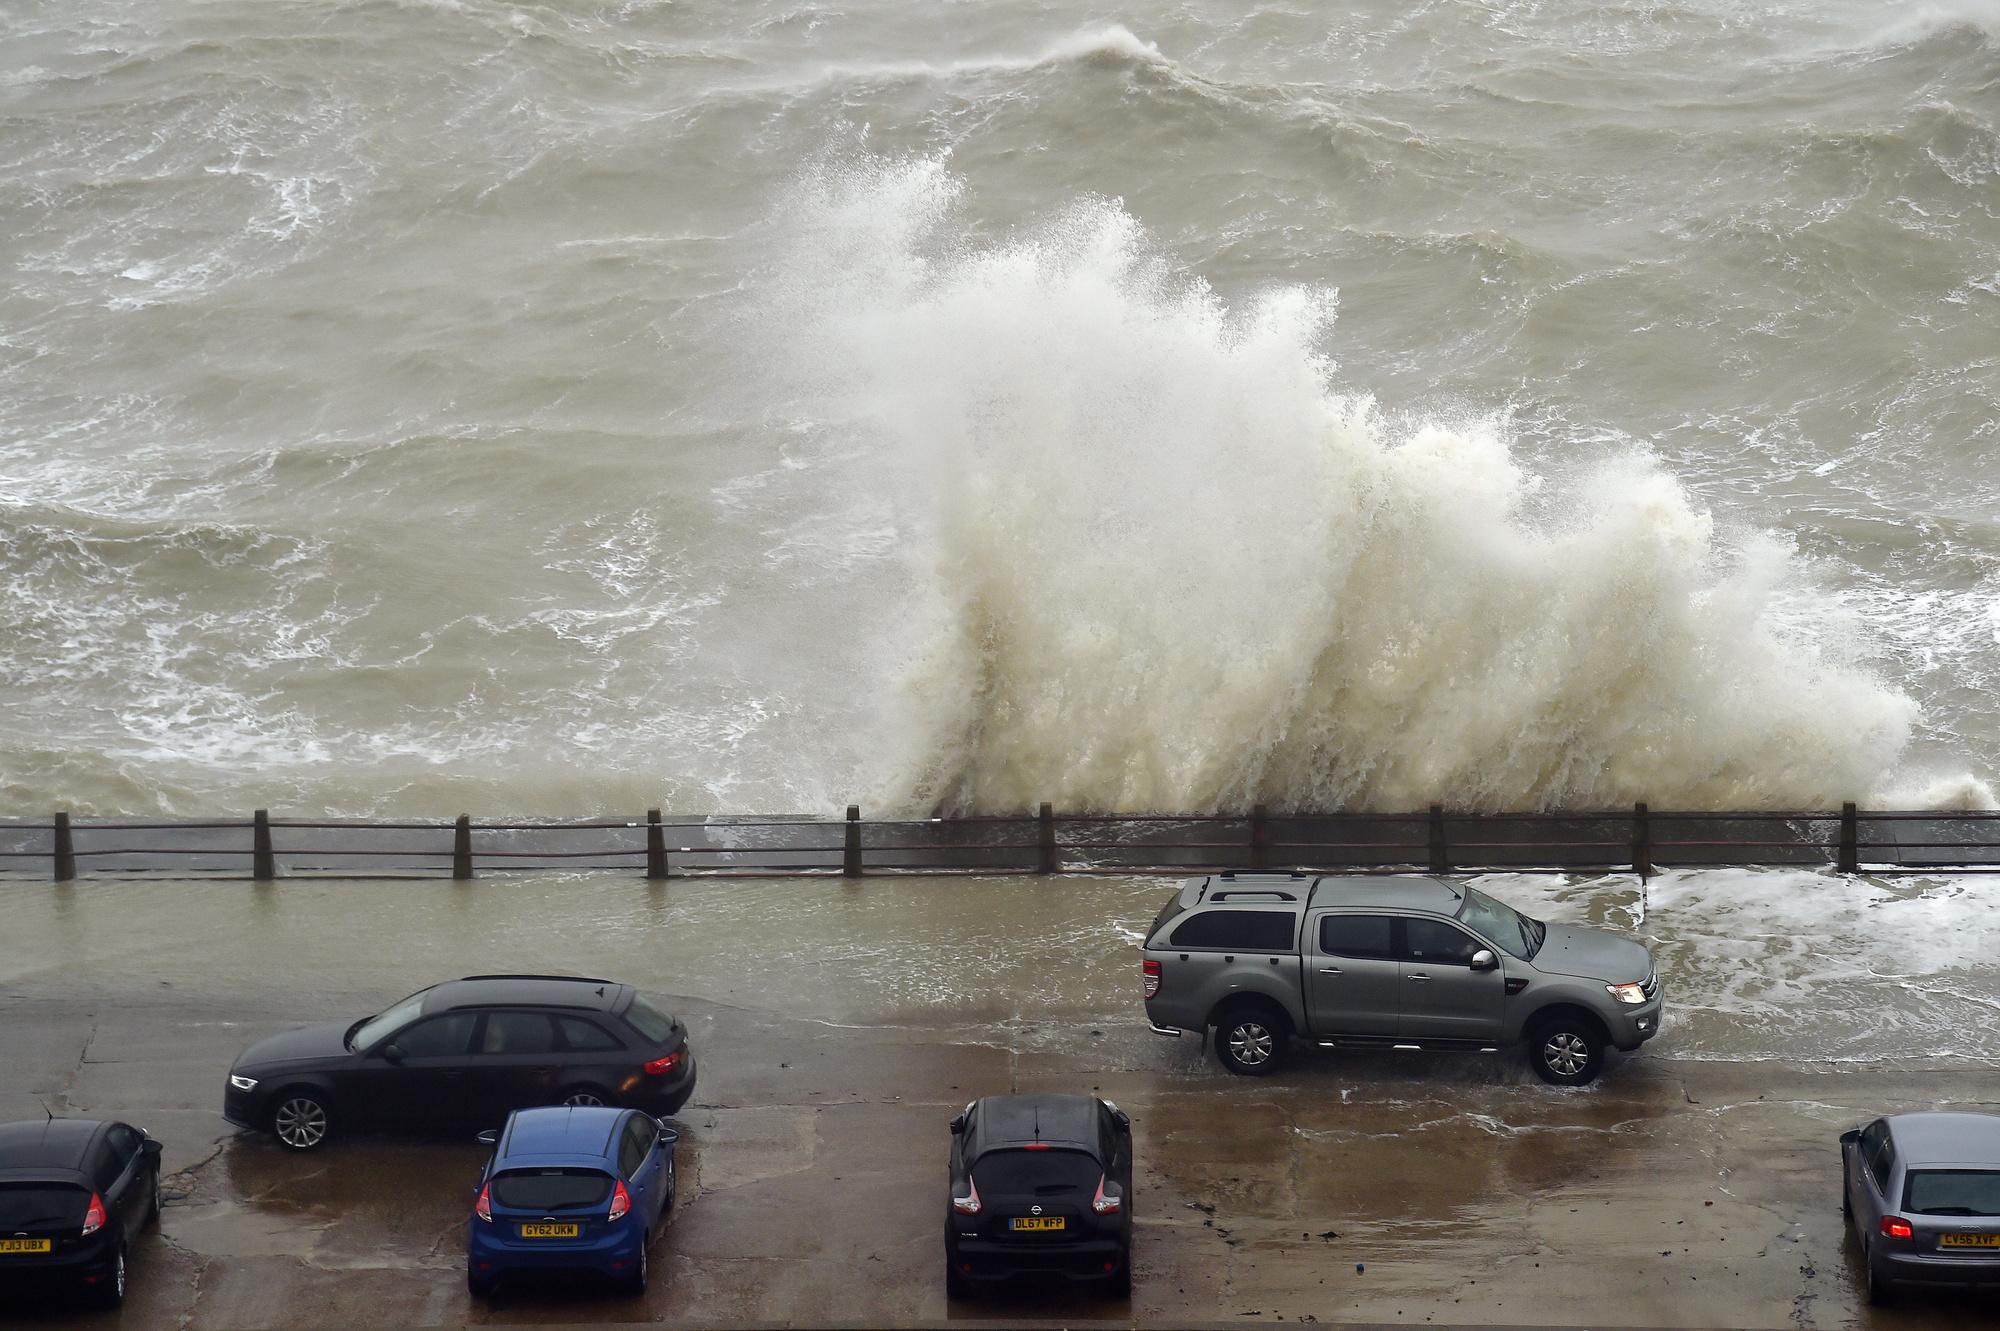 La tempête Ciara balaie les côtes du sud de la Grande-Bretagne., belga